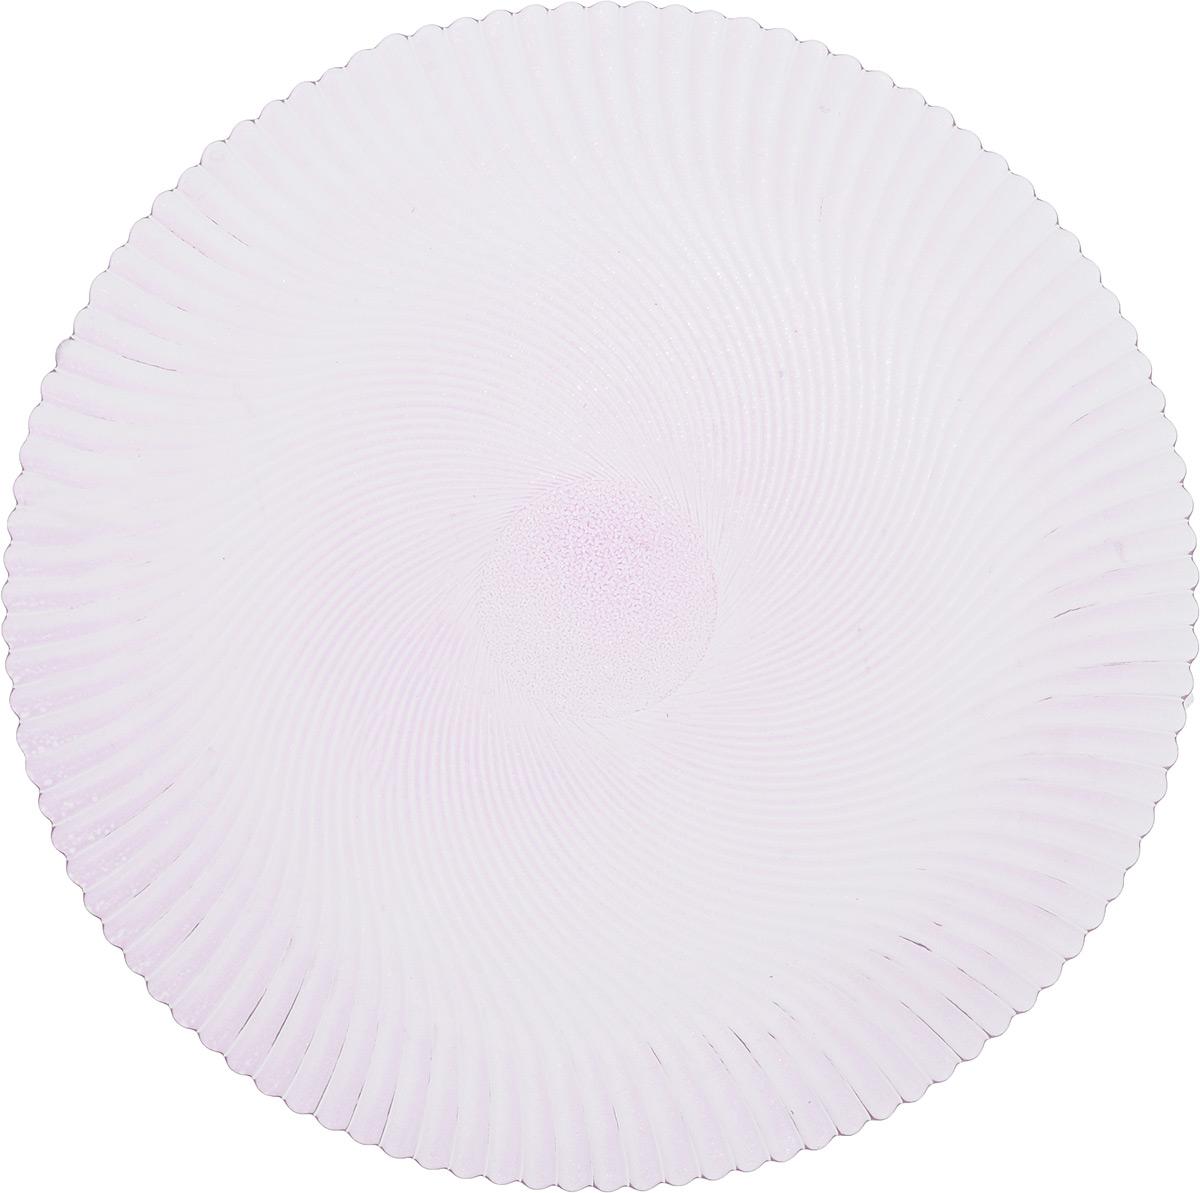 Блюдо NiNaGlass Альтера, цвет: сиреневый, диаметр 32 смVT-1520(SR)Блюдо NiNaGlass Альтера, изготовленное из высококачественного стекла, имеет круглую форму и прекрасно подойдет для подачи нарезок, закусок и других блюд. Внешняя стенка изделия имеет рельефную форму. Такое блюдо украсит сервировку вашего стола и подчеркнет прекрасный вкус хозяйки.Диаметр блюда (по верхнему краю): 32 см.Высота блюда: 2 см.